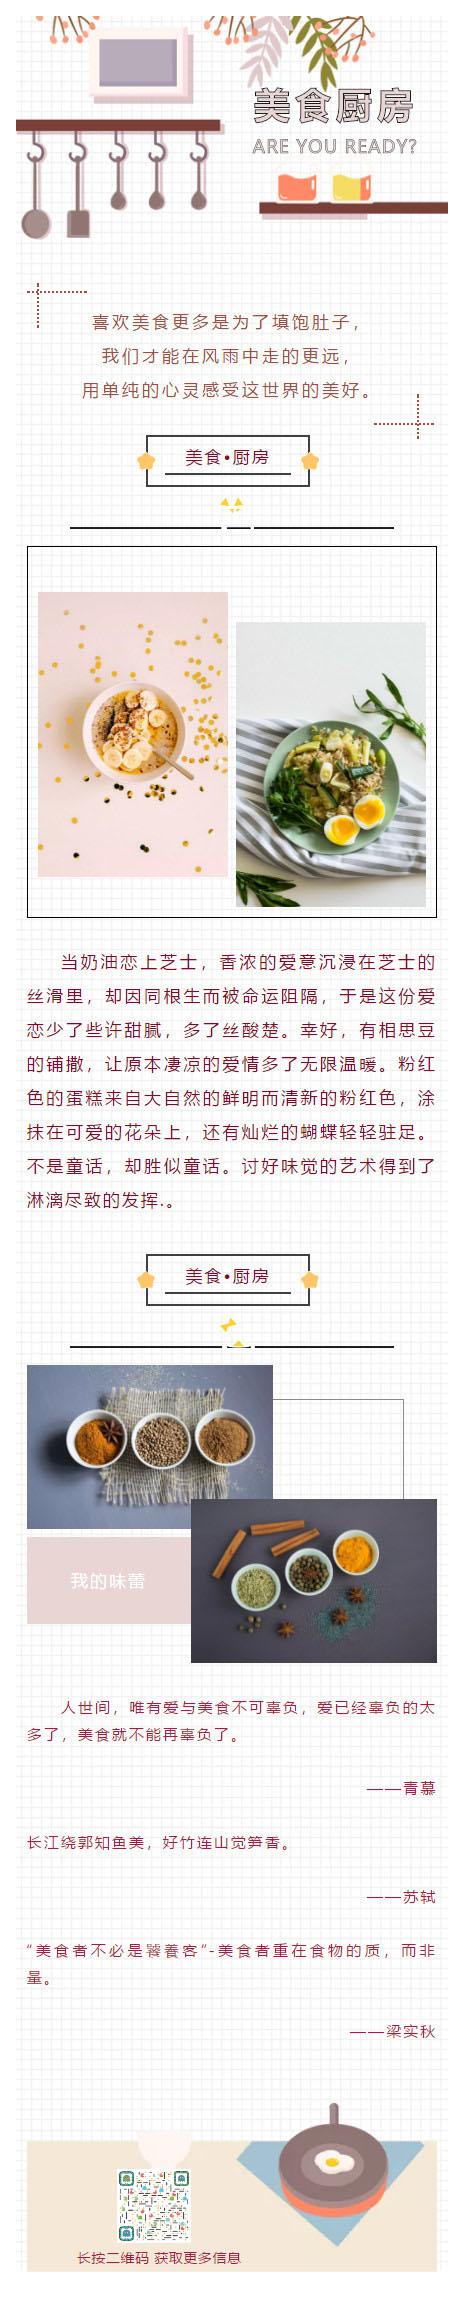 美食厨房微信公众号推文模板 推送图文消息素材